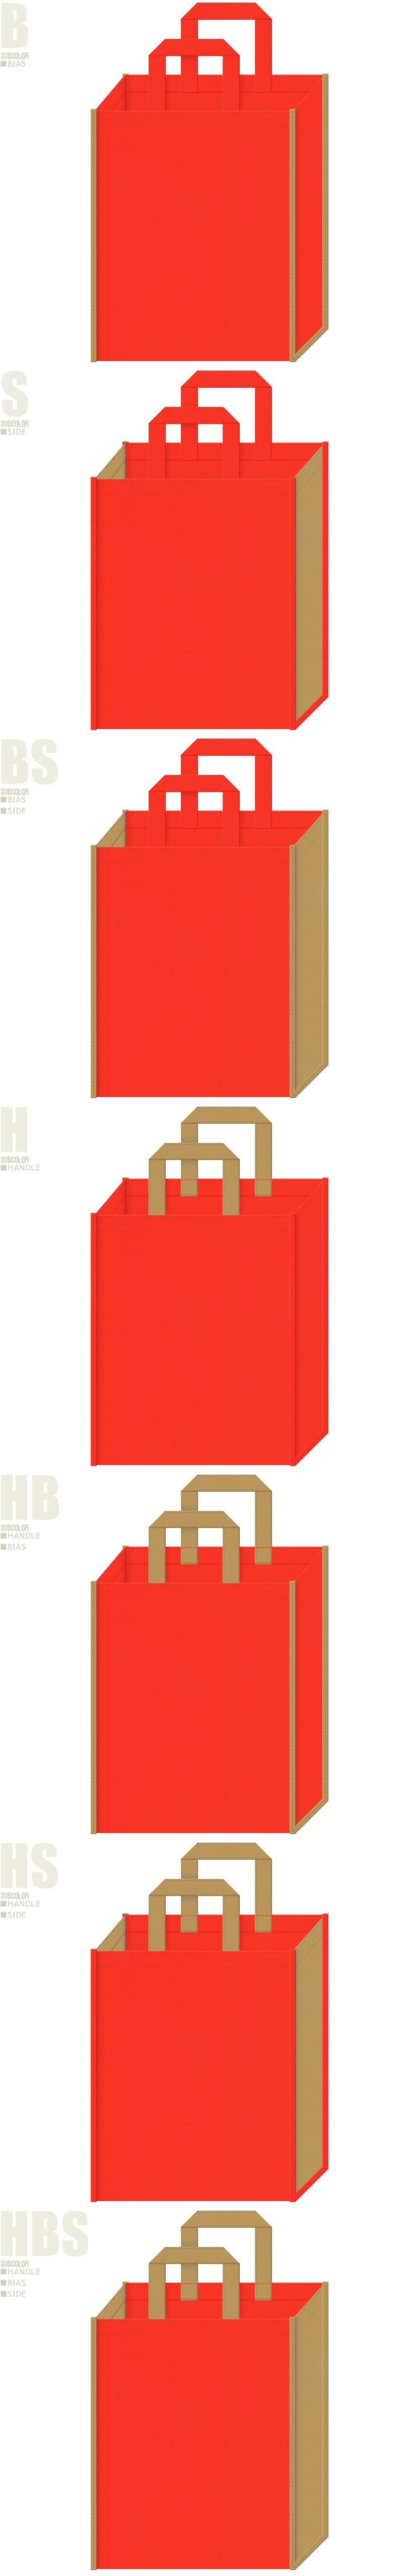 じゃがいも・にんじん・キッチン・レシピ・オニオンスープ・サラダ油・調味料・パスタ・お料理教室・ランチバッグにお奨めの不織布バッグデザイン:オレンジ色と金黄土色の配色7パターン